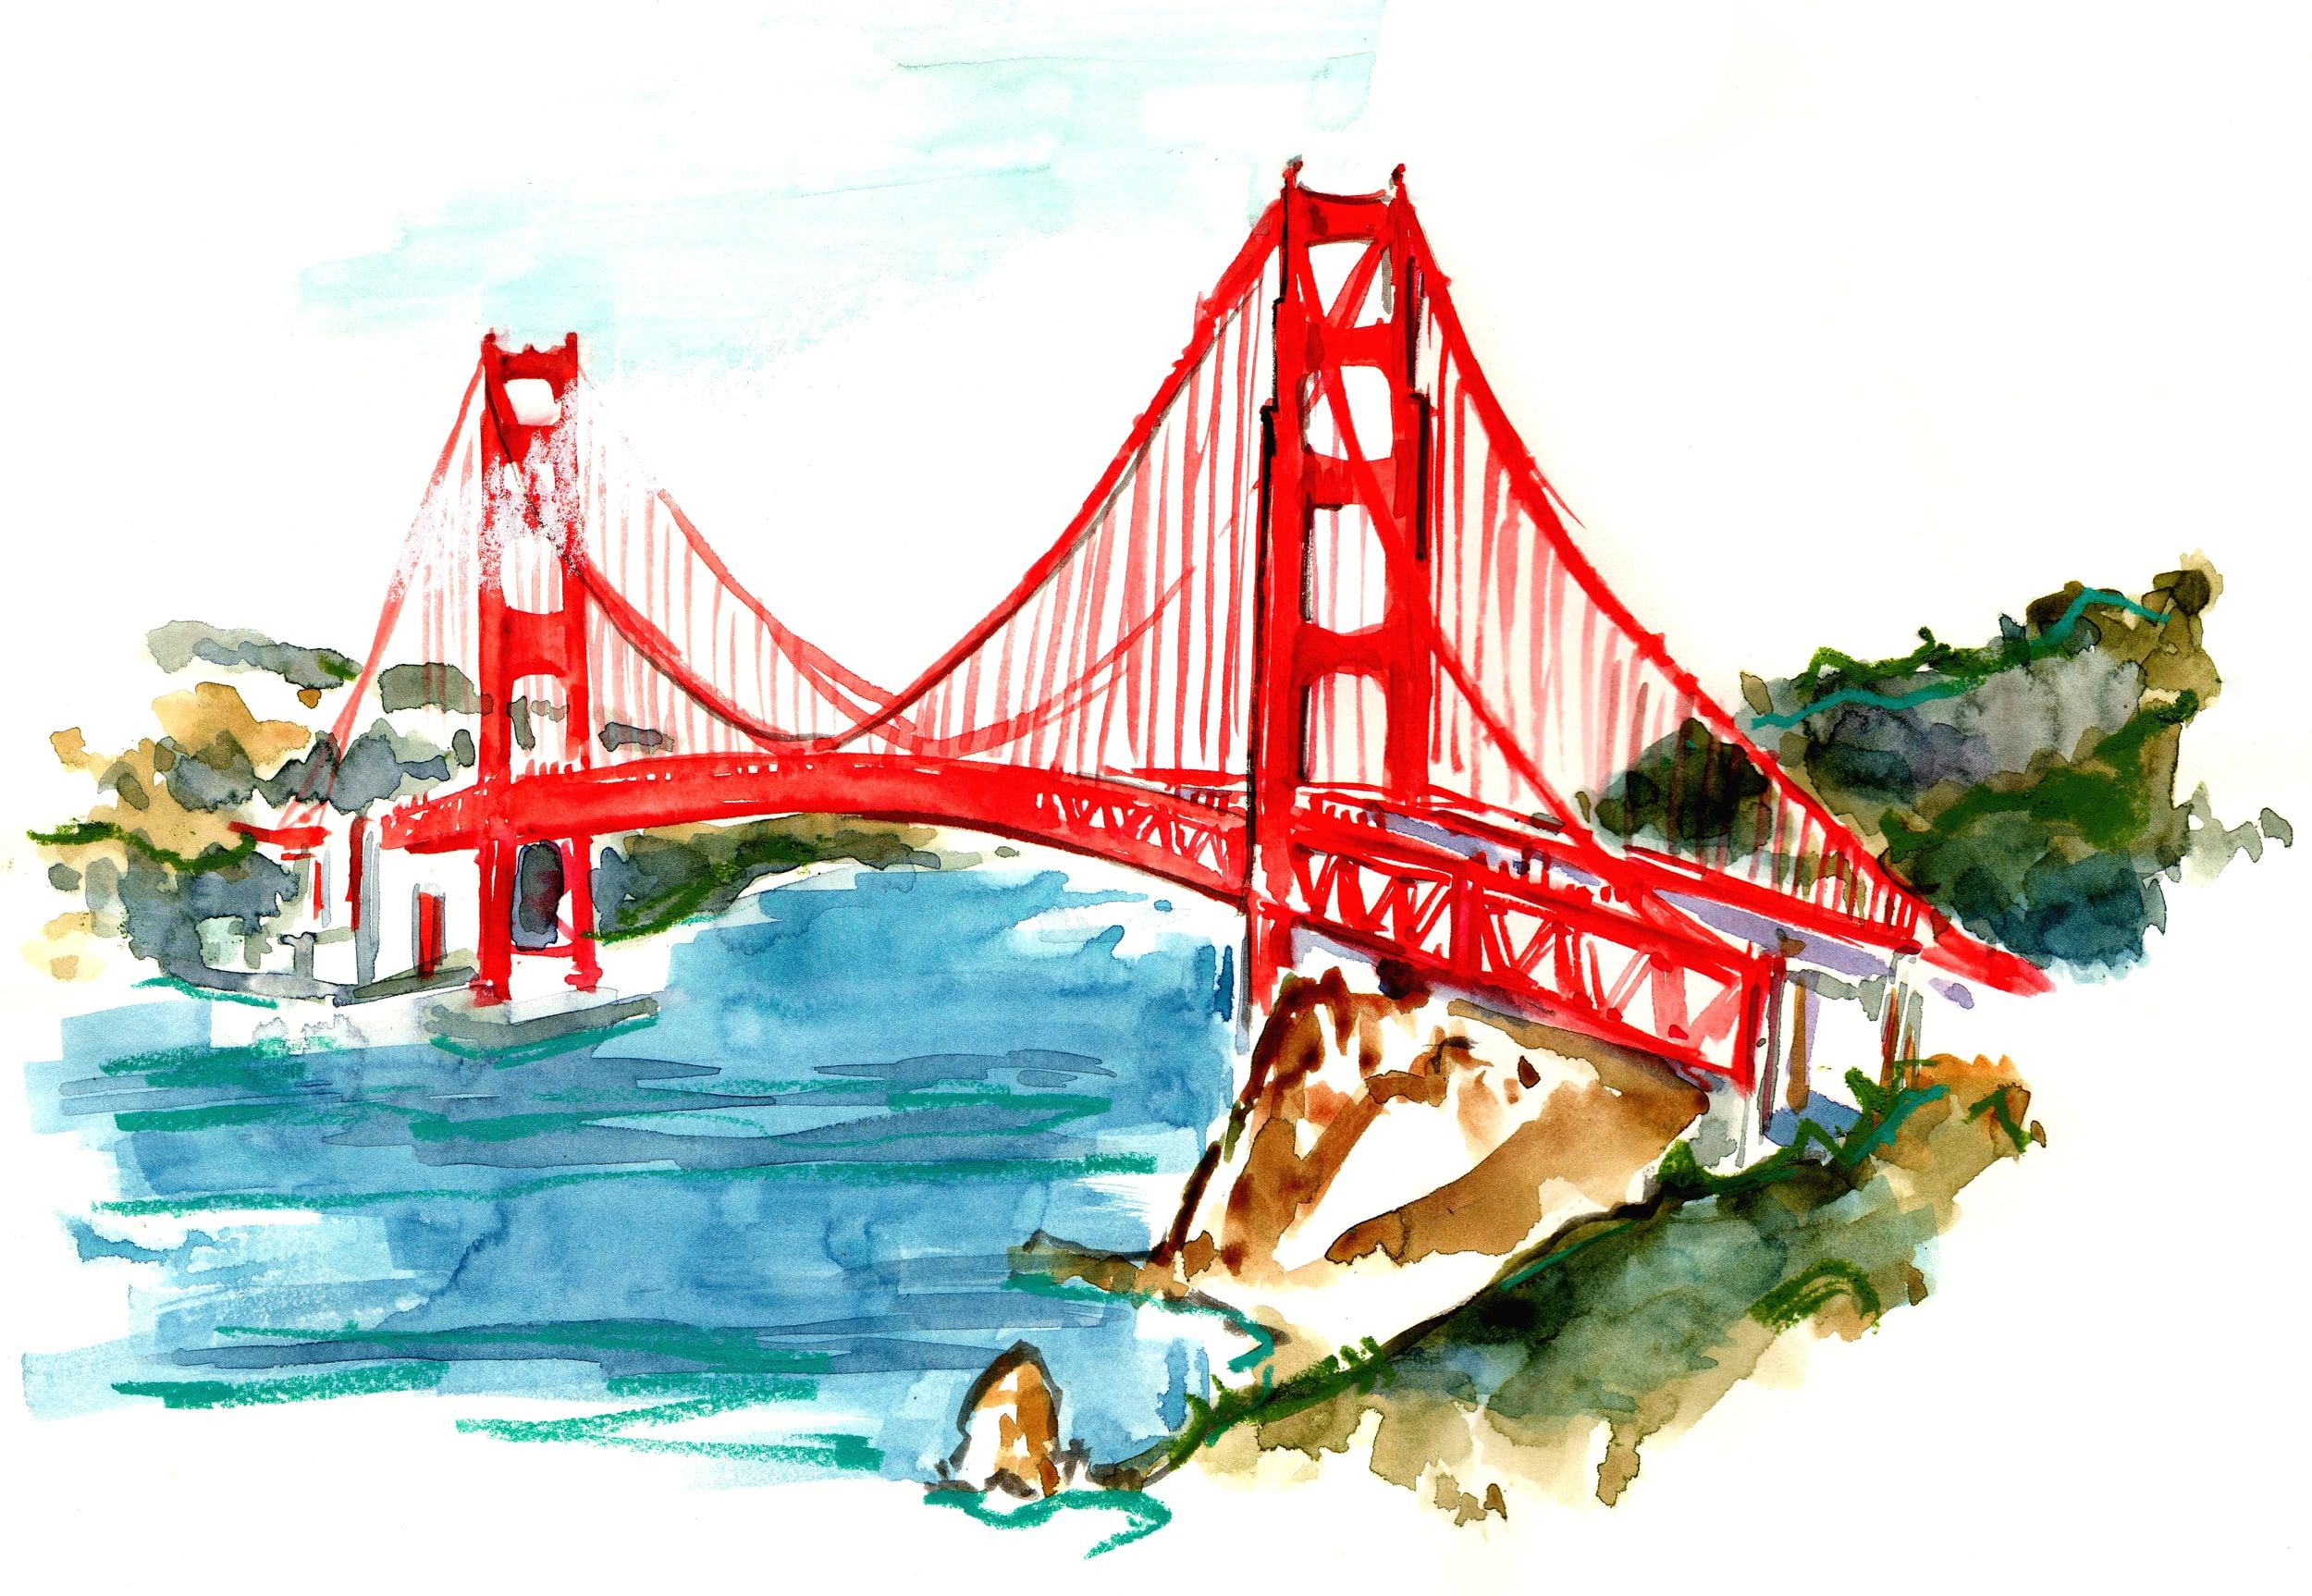 GOLDEN GATE BRIDGE / SAN FRANCISCO, CA